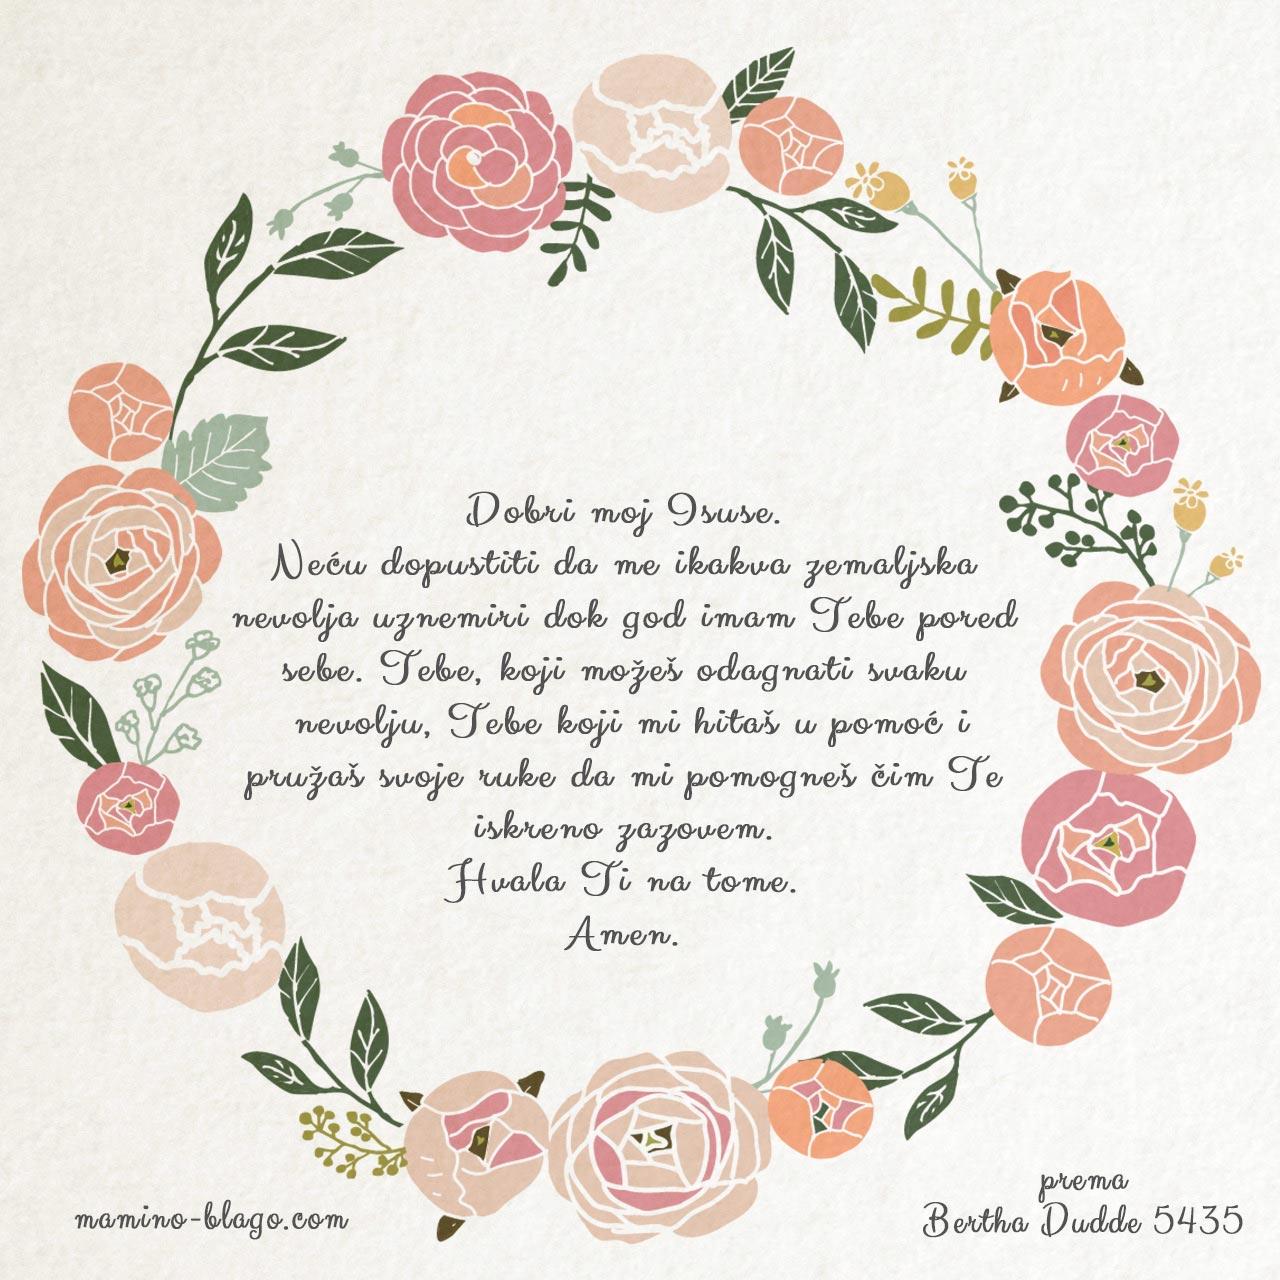 molite-i-primit-će-te-mamino-blago-dnevna-molitva